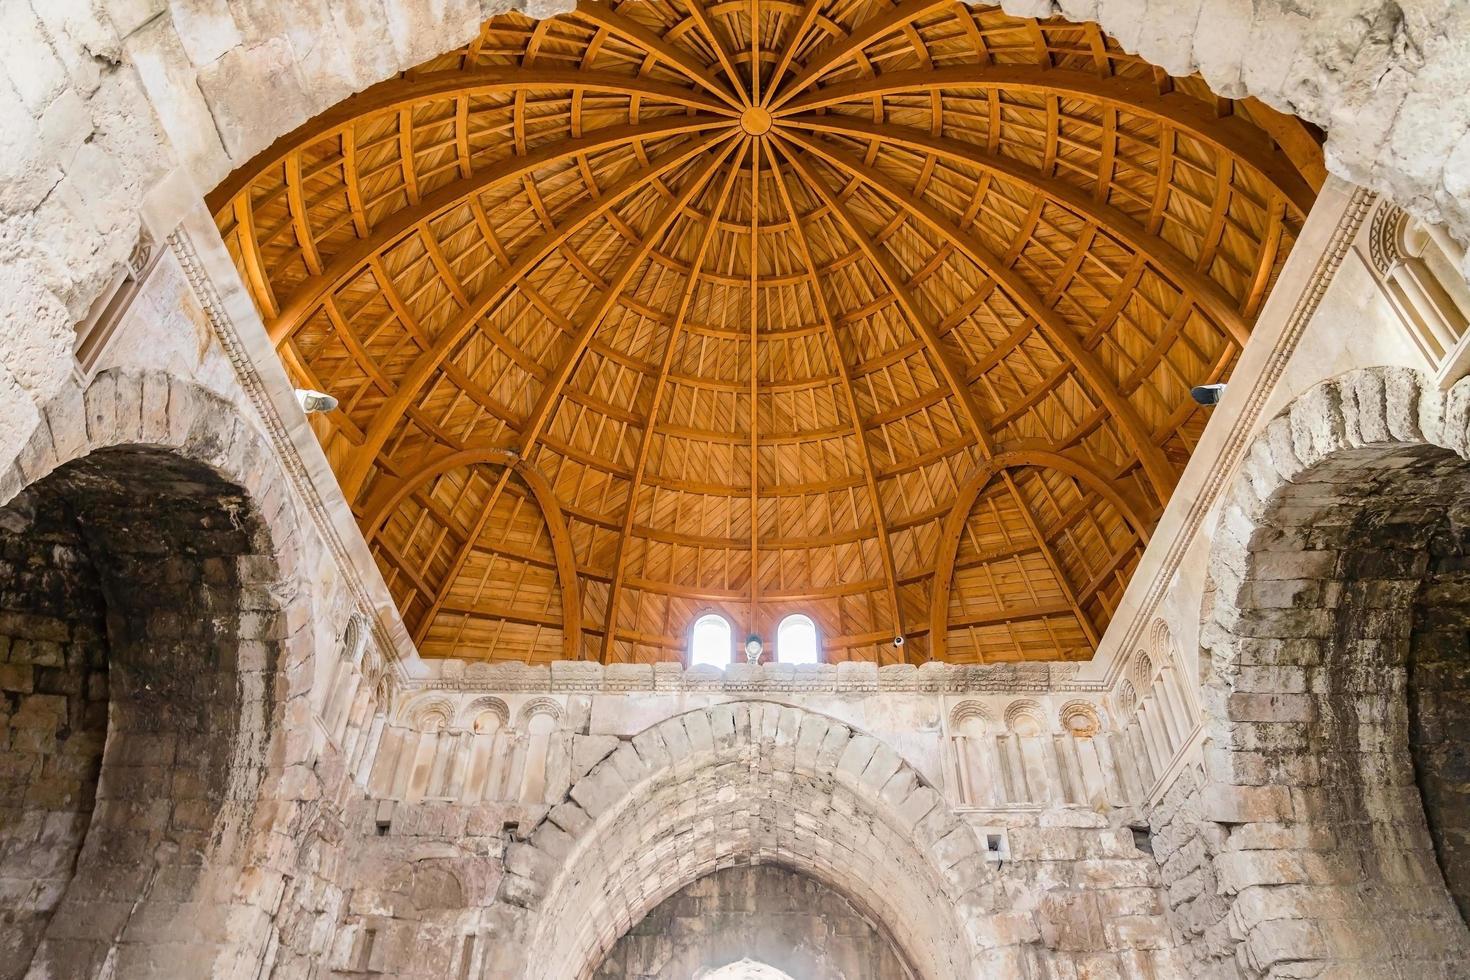 interno del palazzo degli omayyadi della cittadella di amman, giordania foto